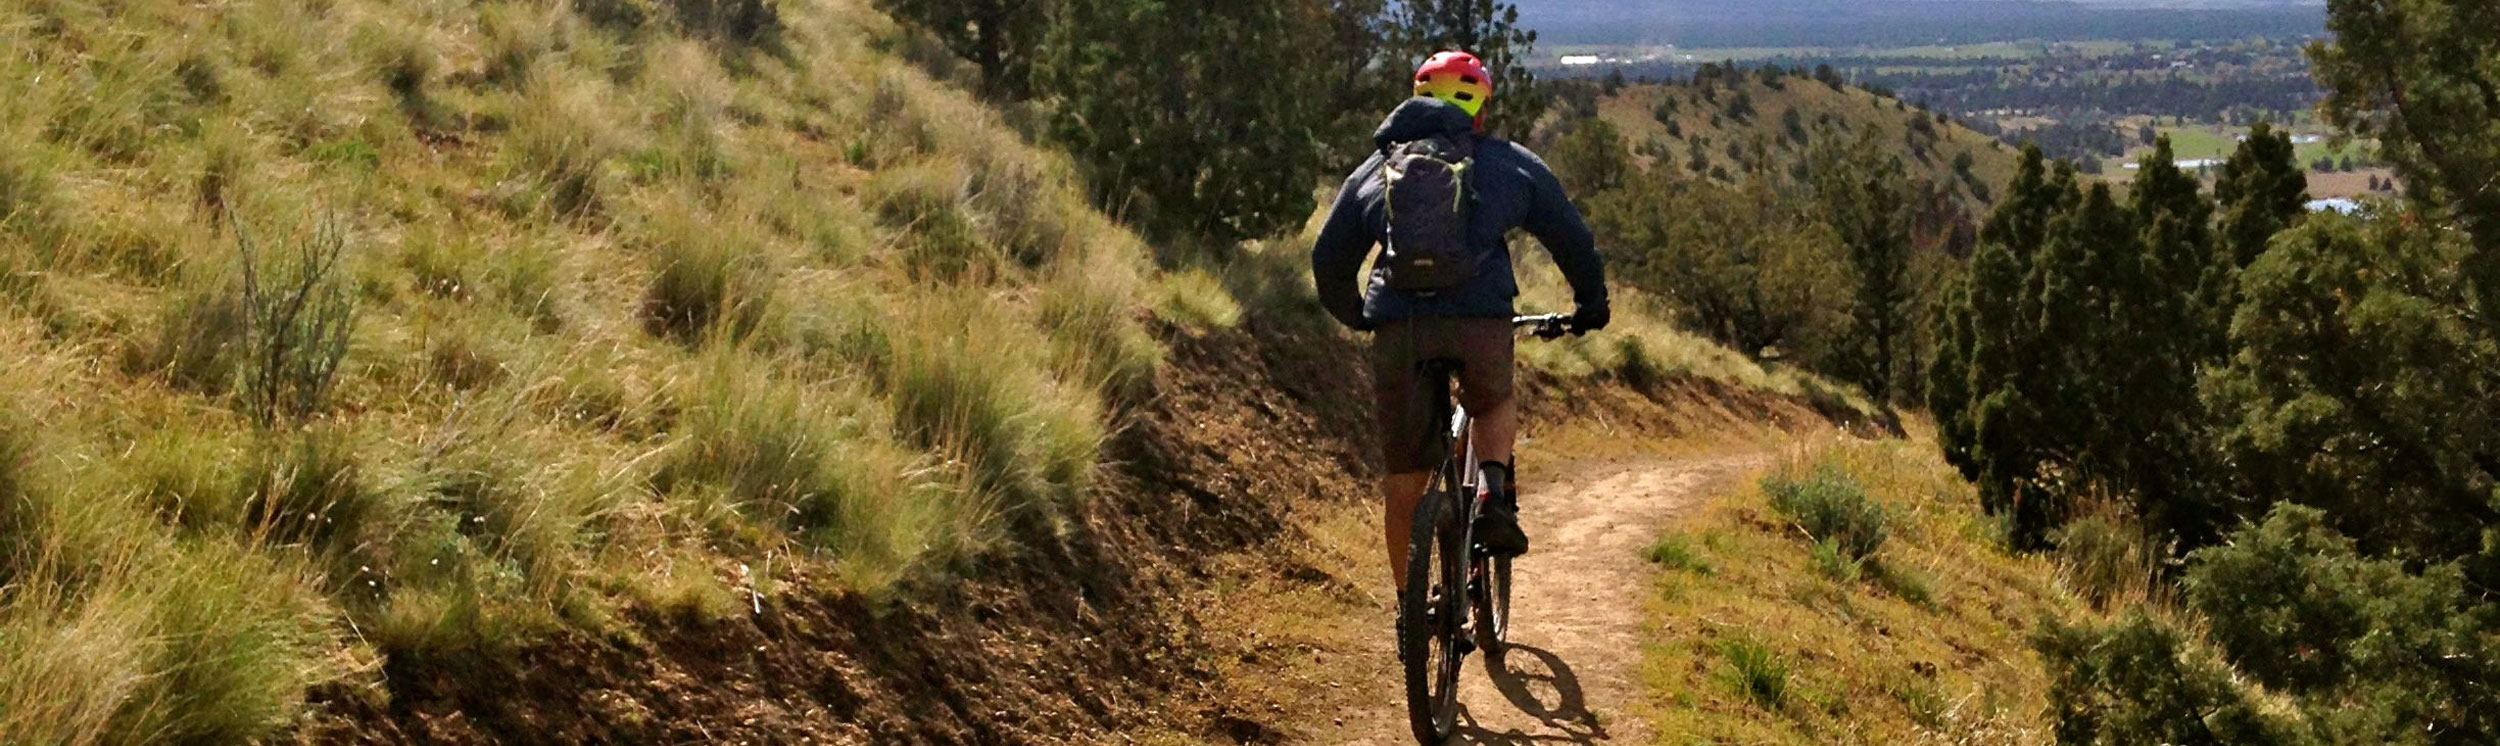 summit loop - bike ride